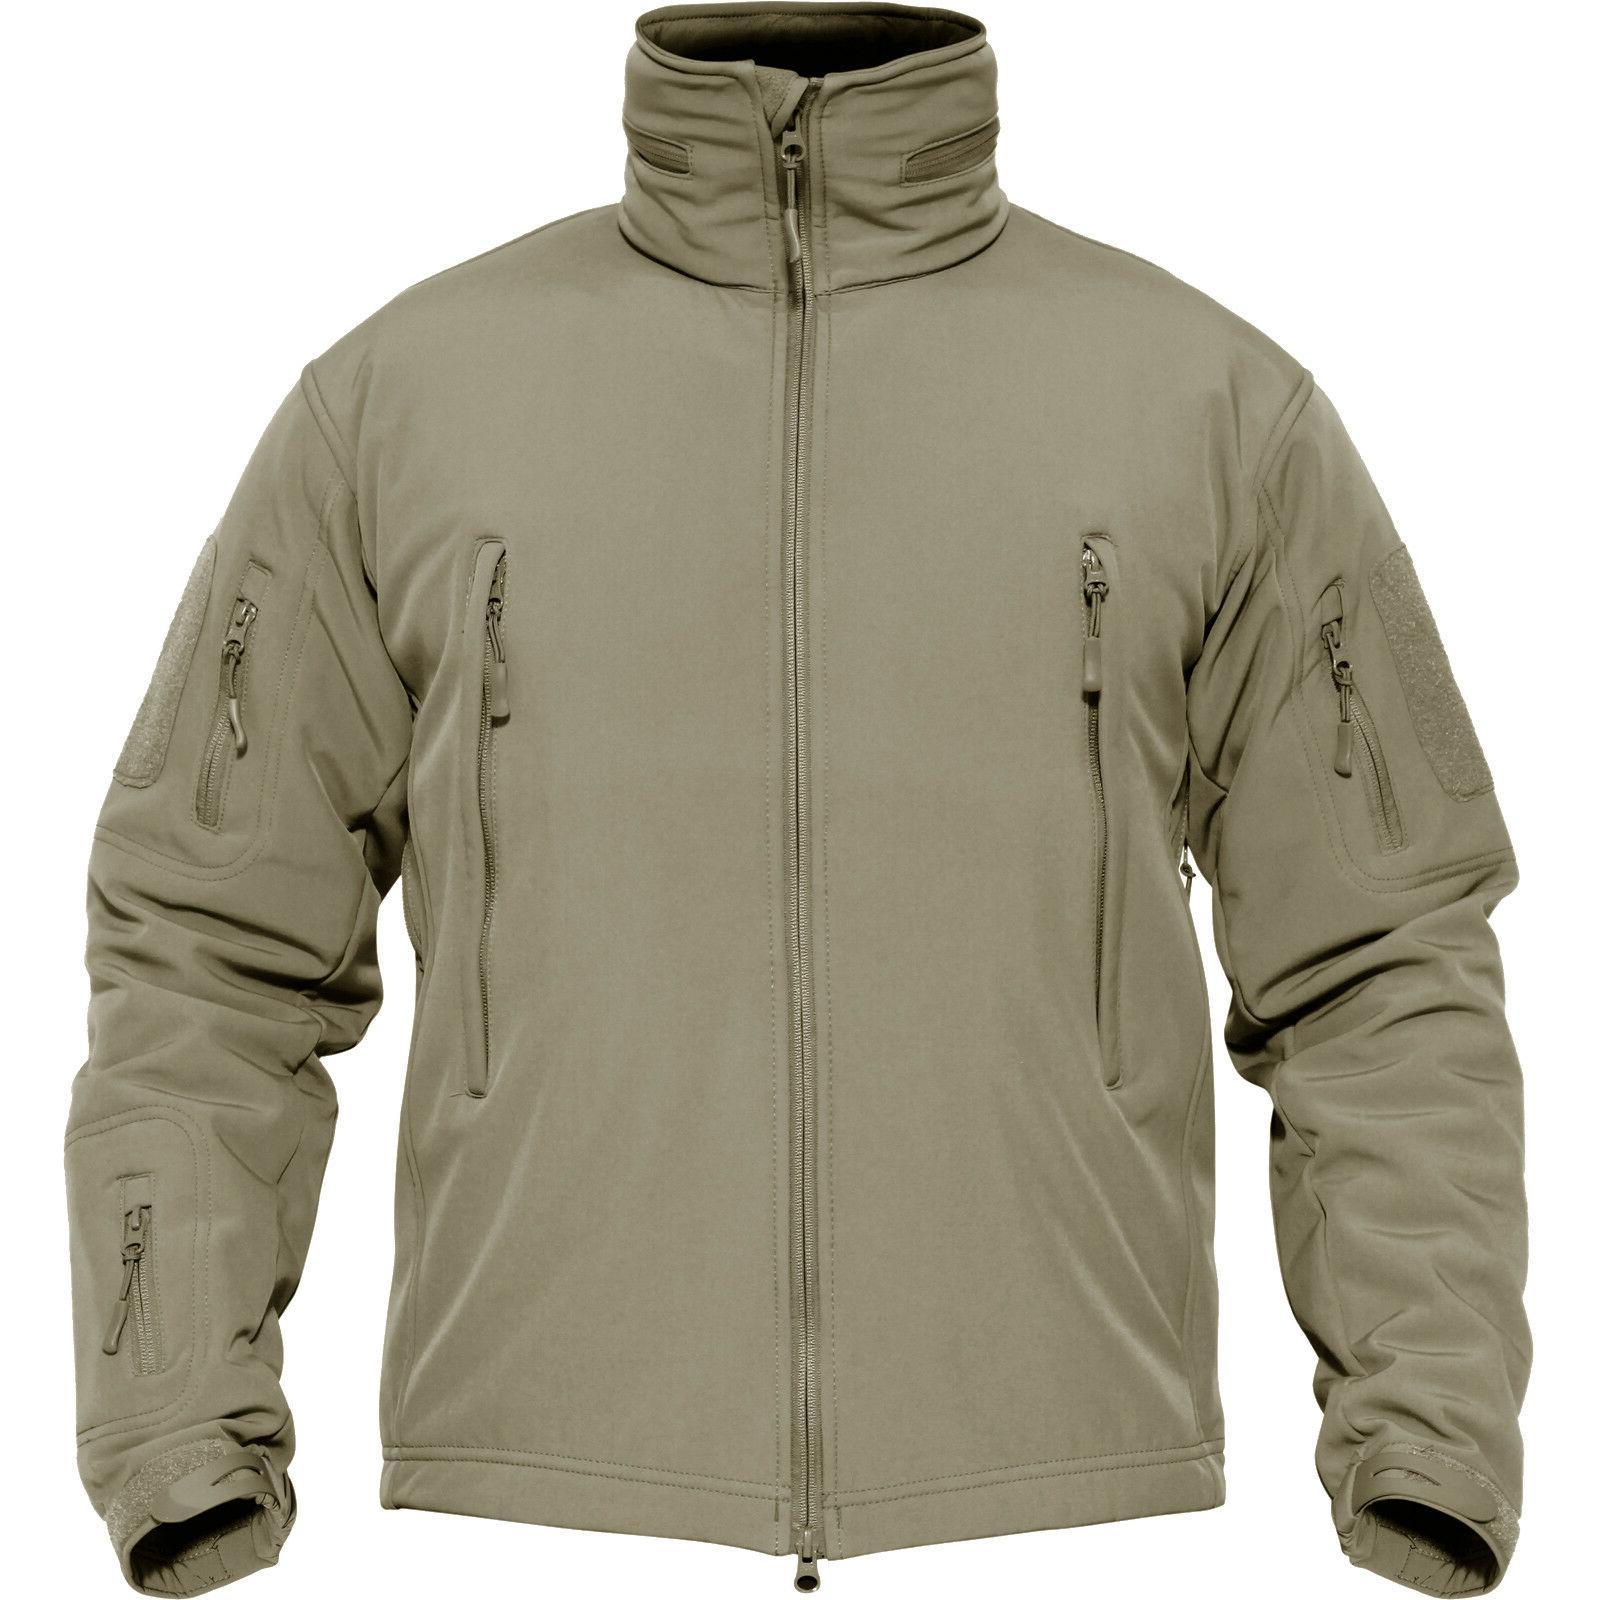 TACVASEN Tactical Jackets Waterproof Soft Outdoor